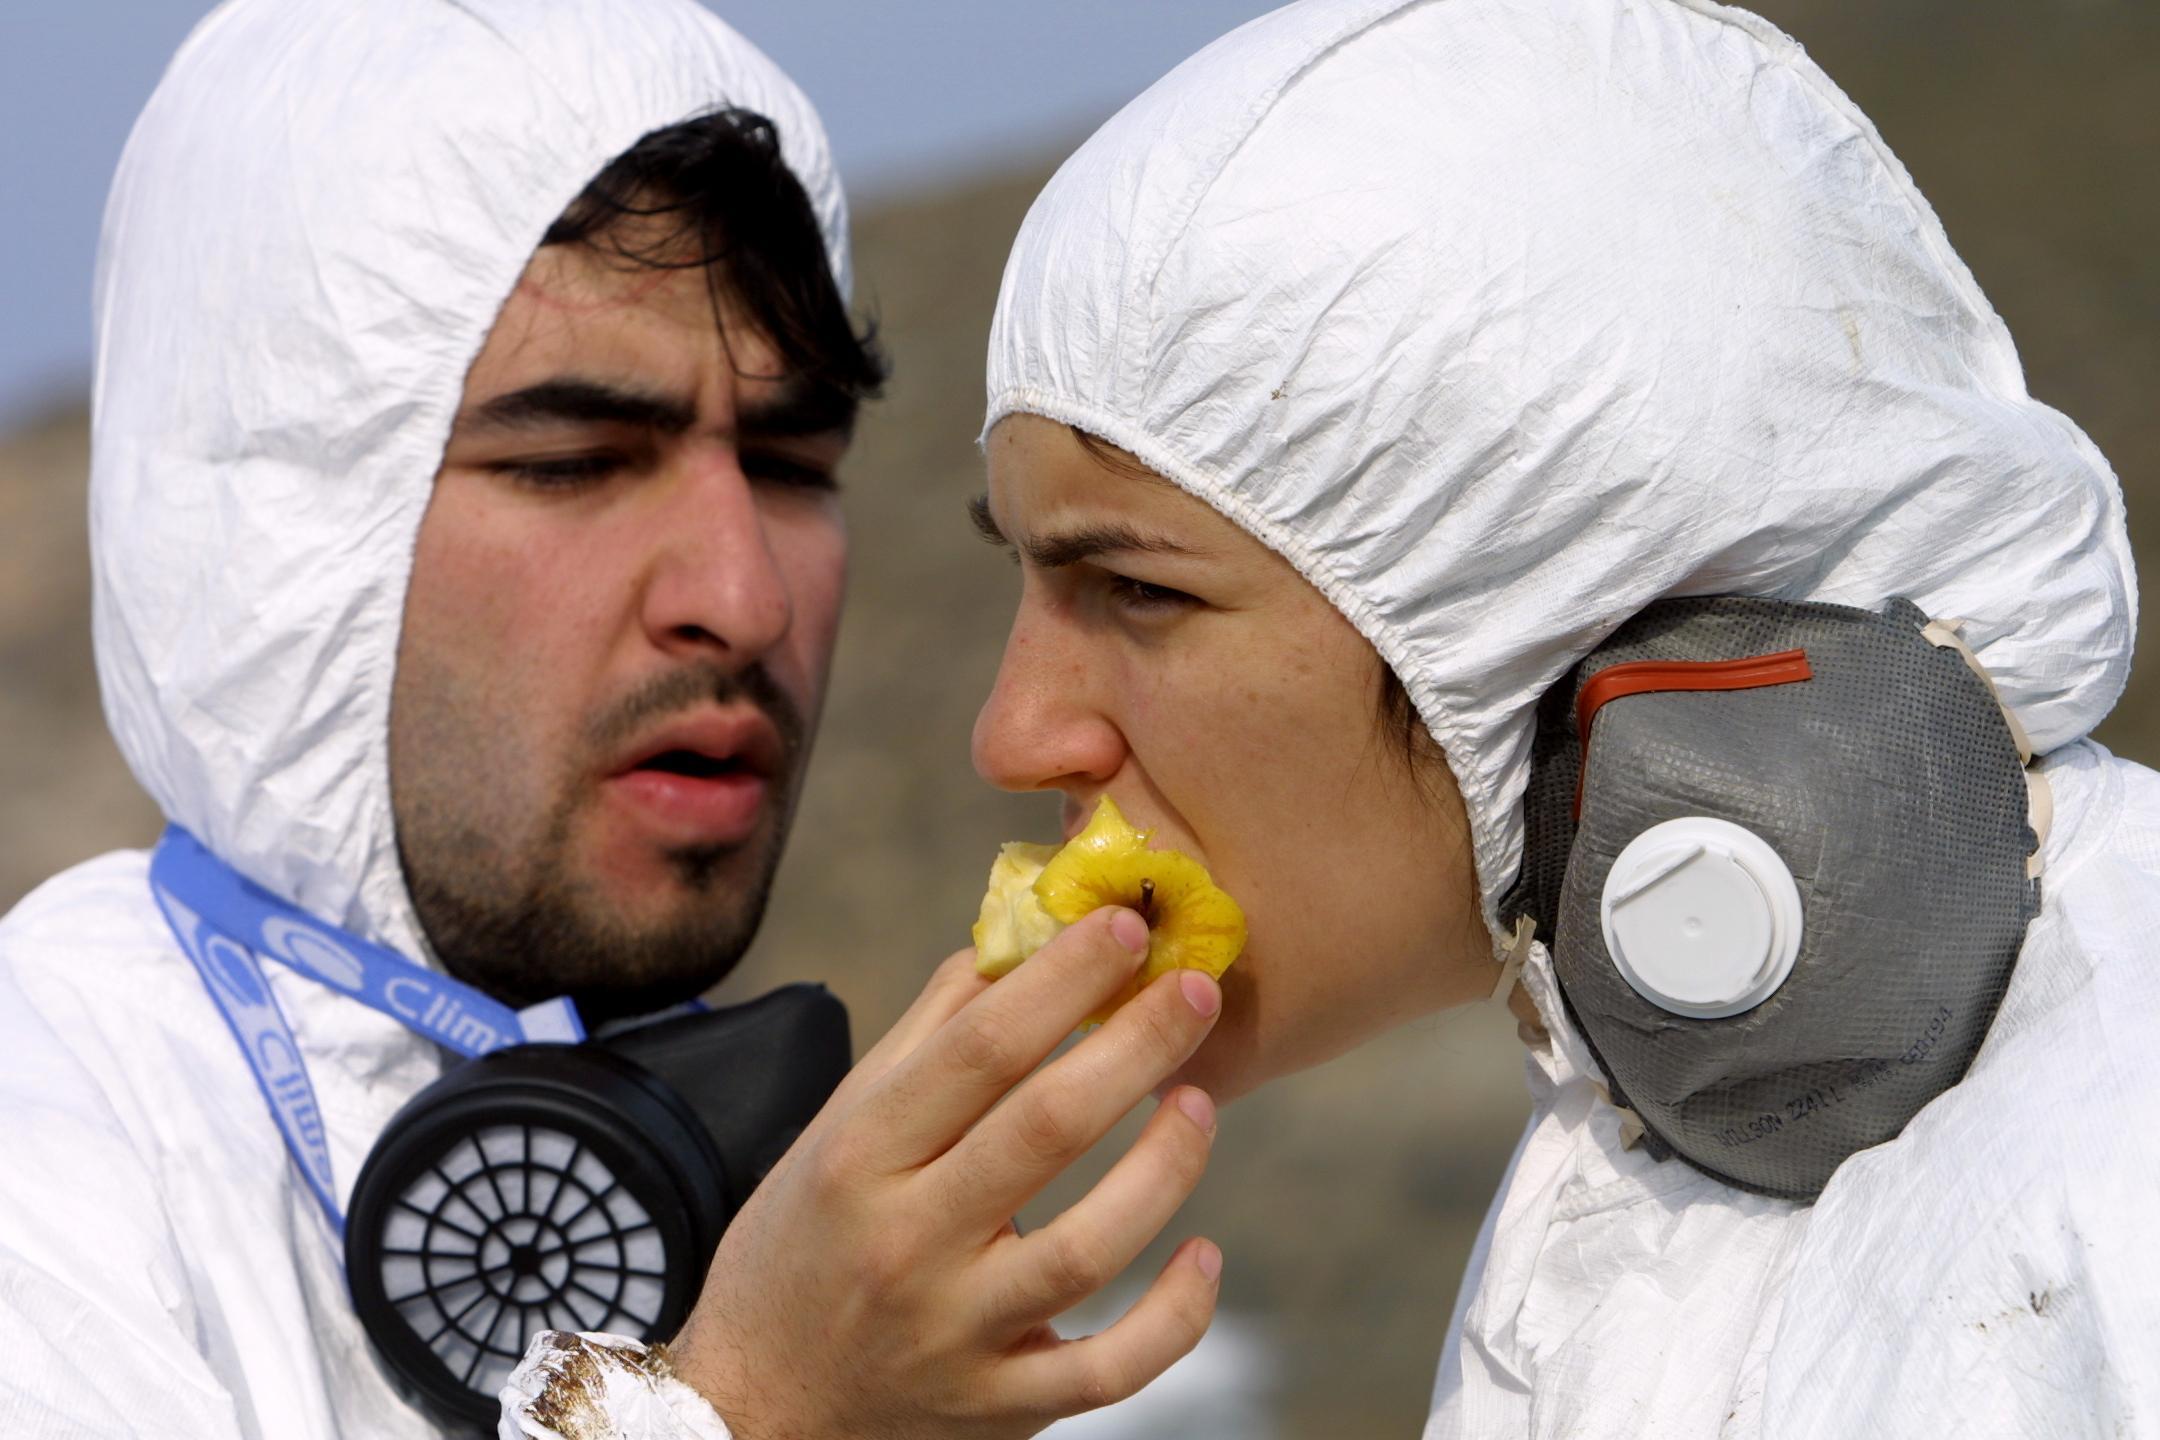 Un joven ayuda a una compañera a comer una manzana en Cuño (Muxía). <br><b>José Manuel Casal</b>